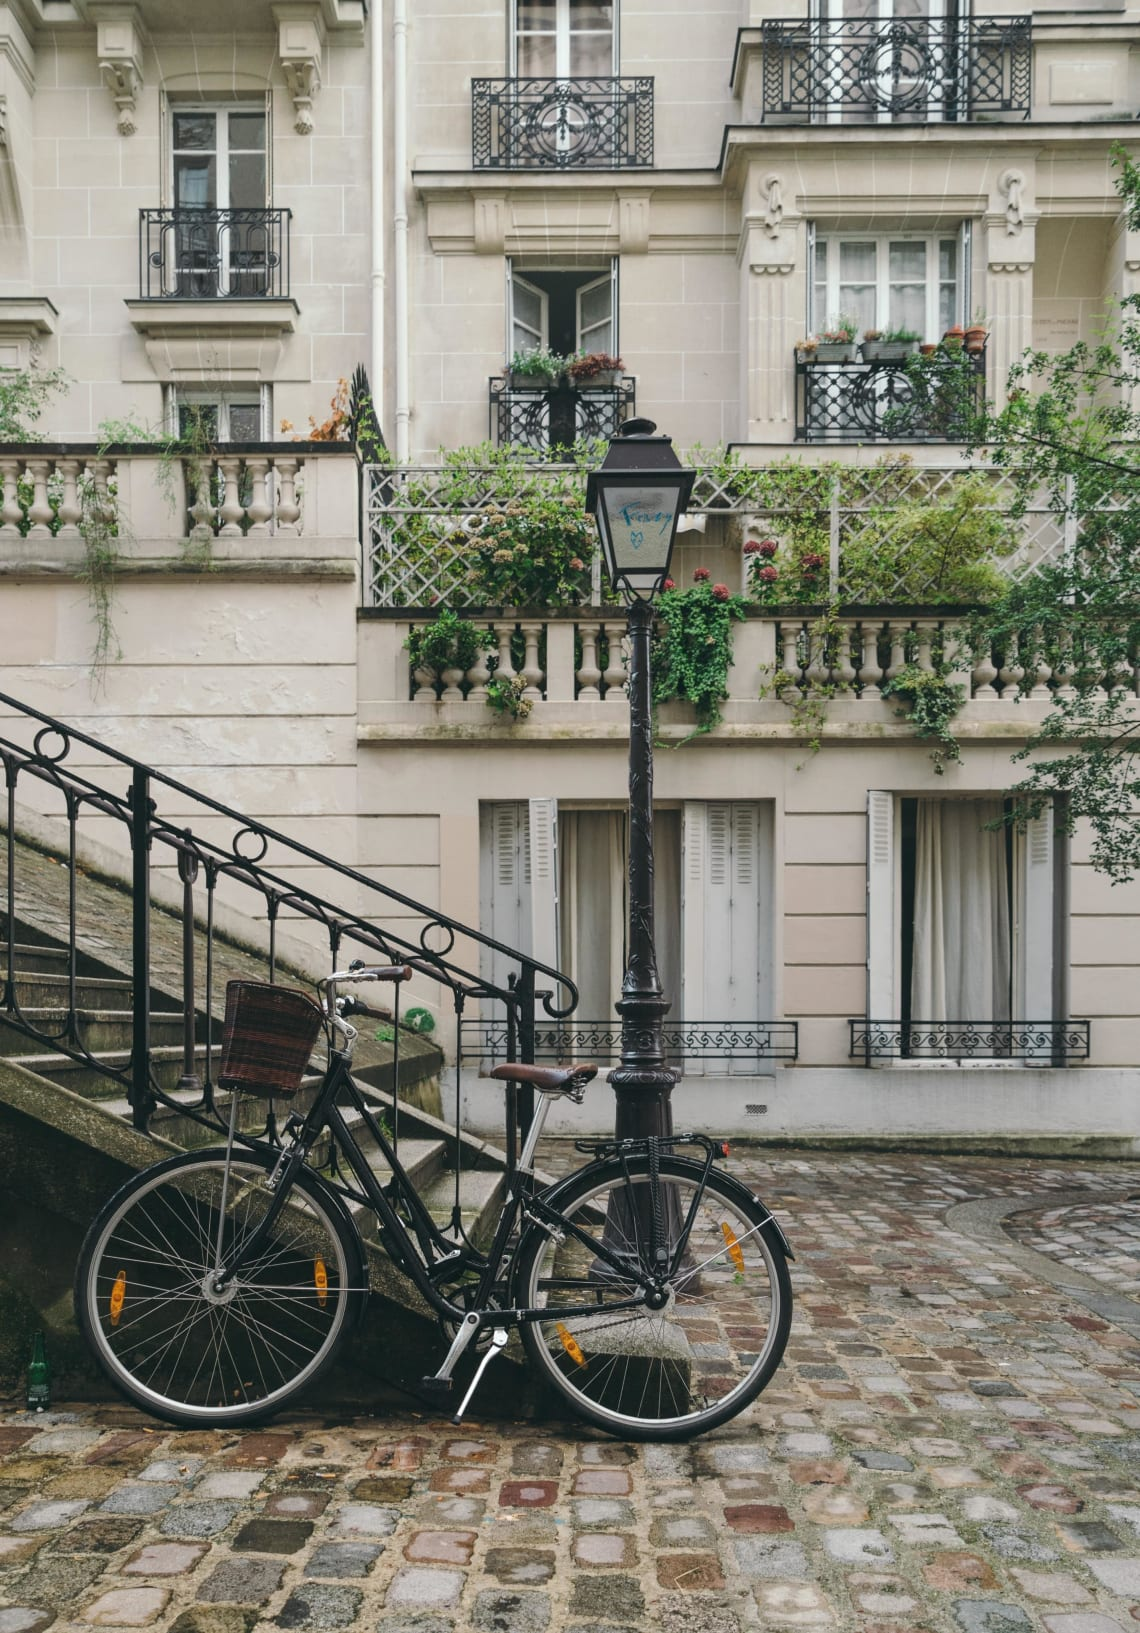 Local life in Paris, France